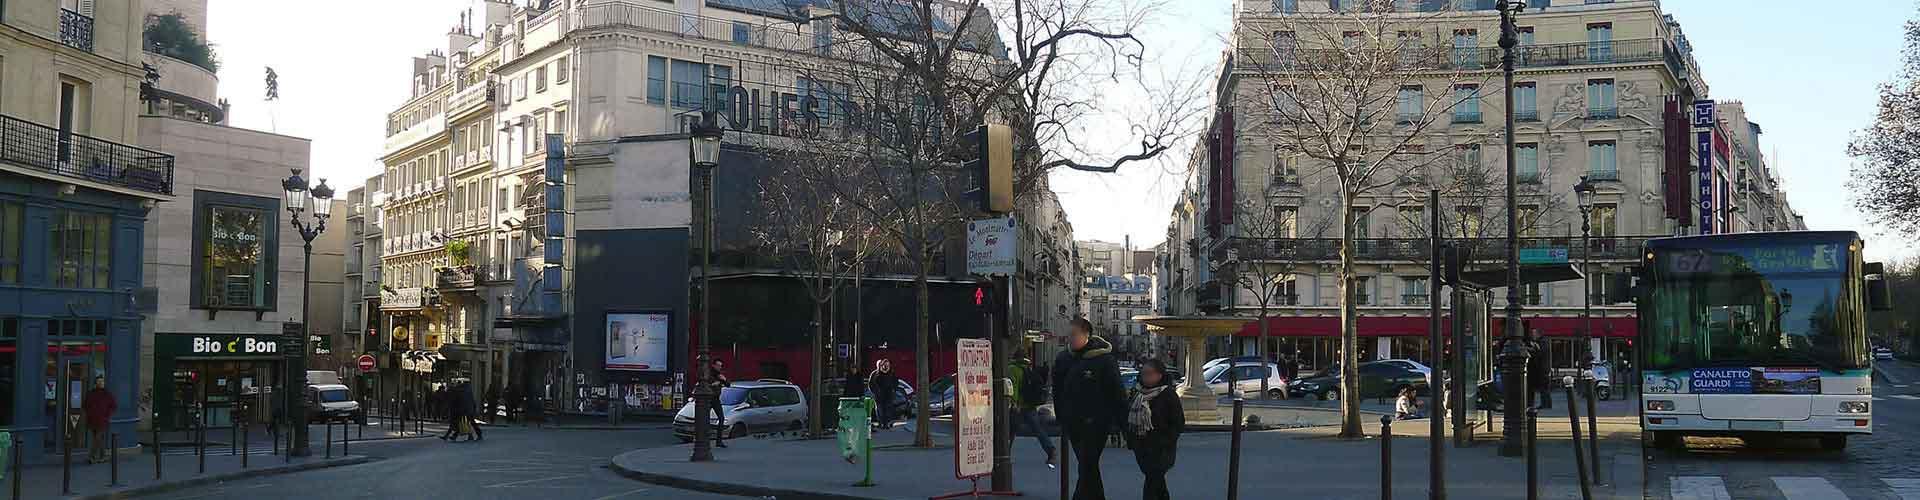 파리 - Pigalle지역에 위치한 호텔. 파리의 지도, 파리에 위치한 호텔에 대한 사진 및 리뷰.